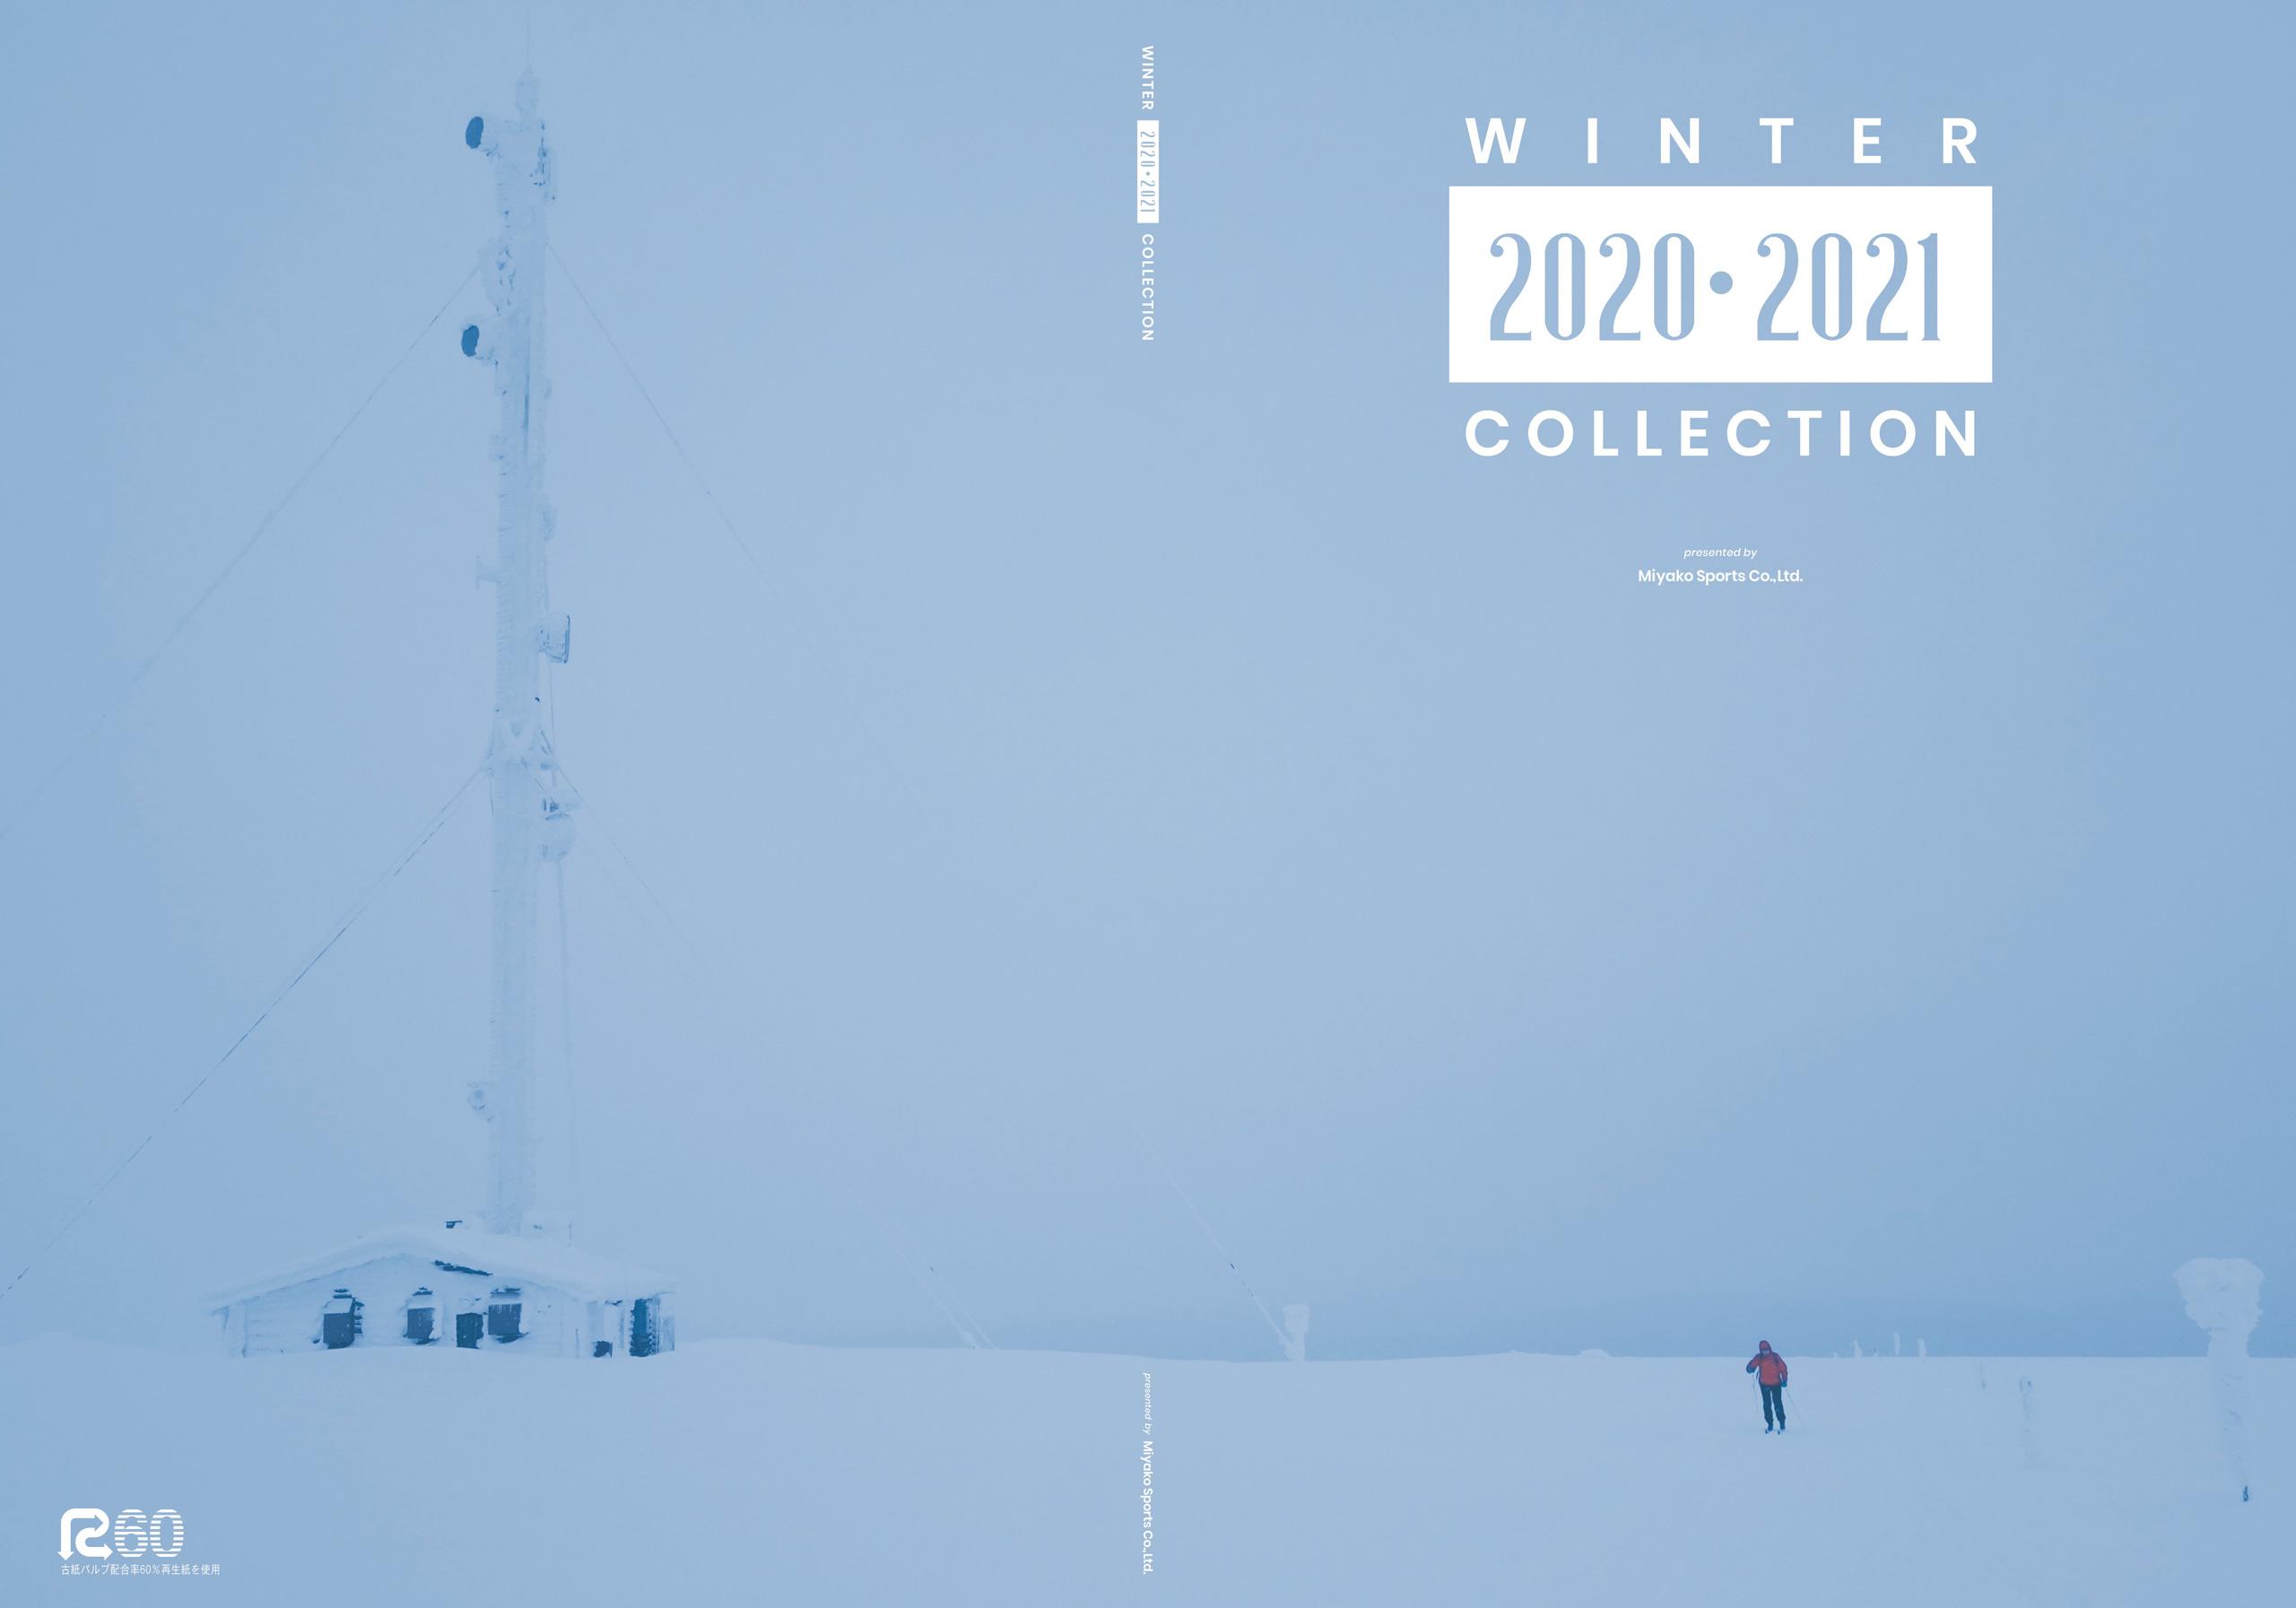 2020-21《ウィンター・コレクション》公開、更新のお知らせ